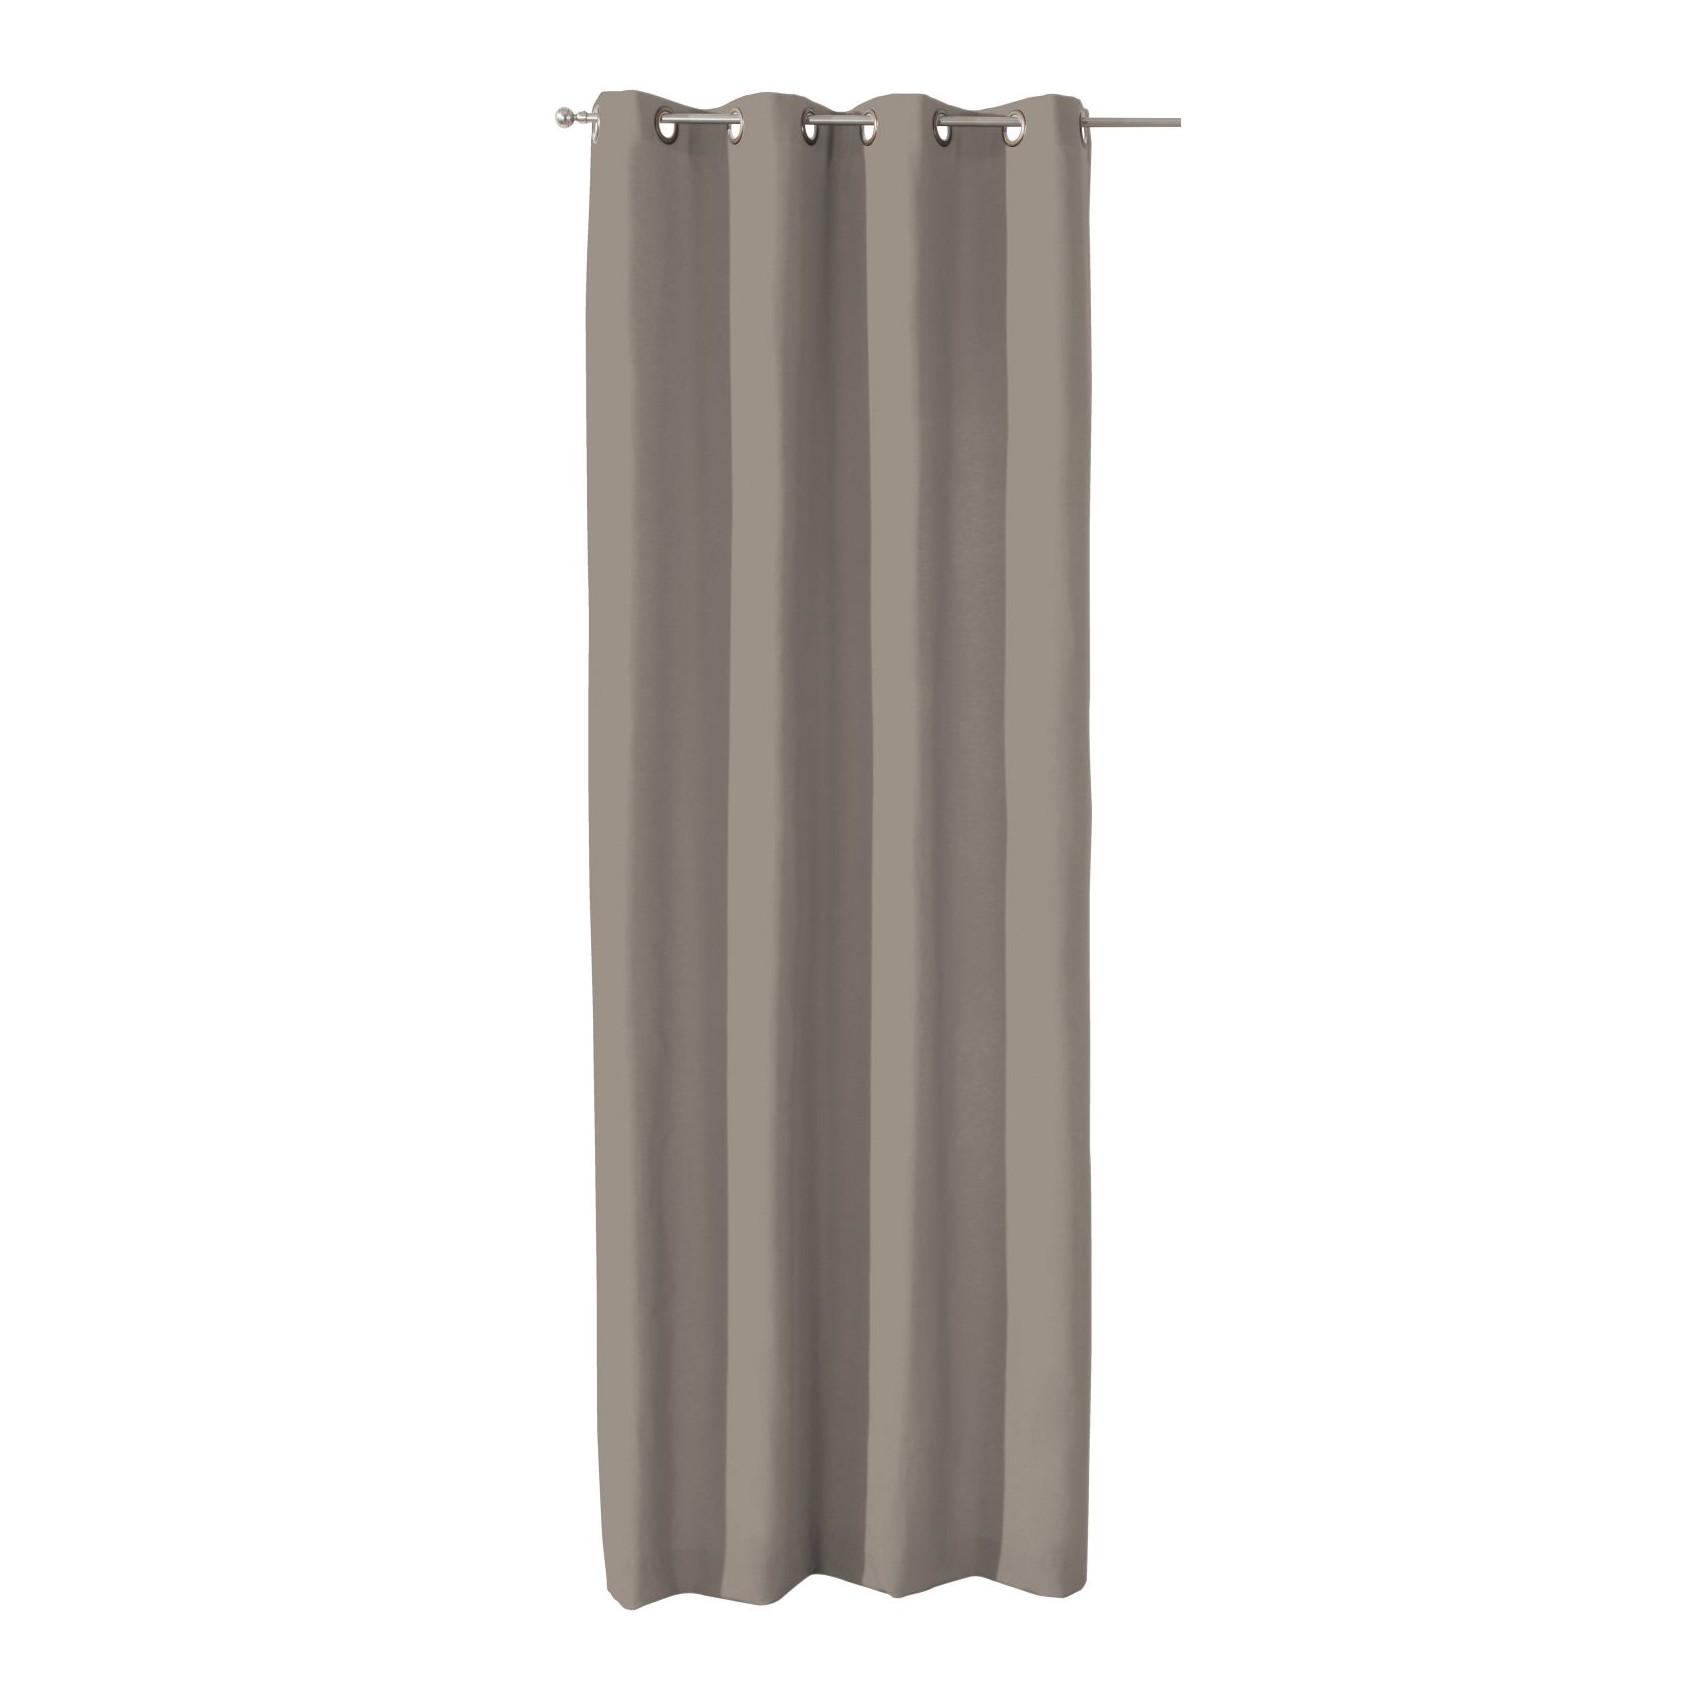 home24 Verdunklungs-Vorhang mit Oesen | Heimtextilien > Gardinen und Vorhänge > Vorhänge | Braun | Textil | Dekoria